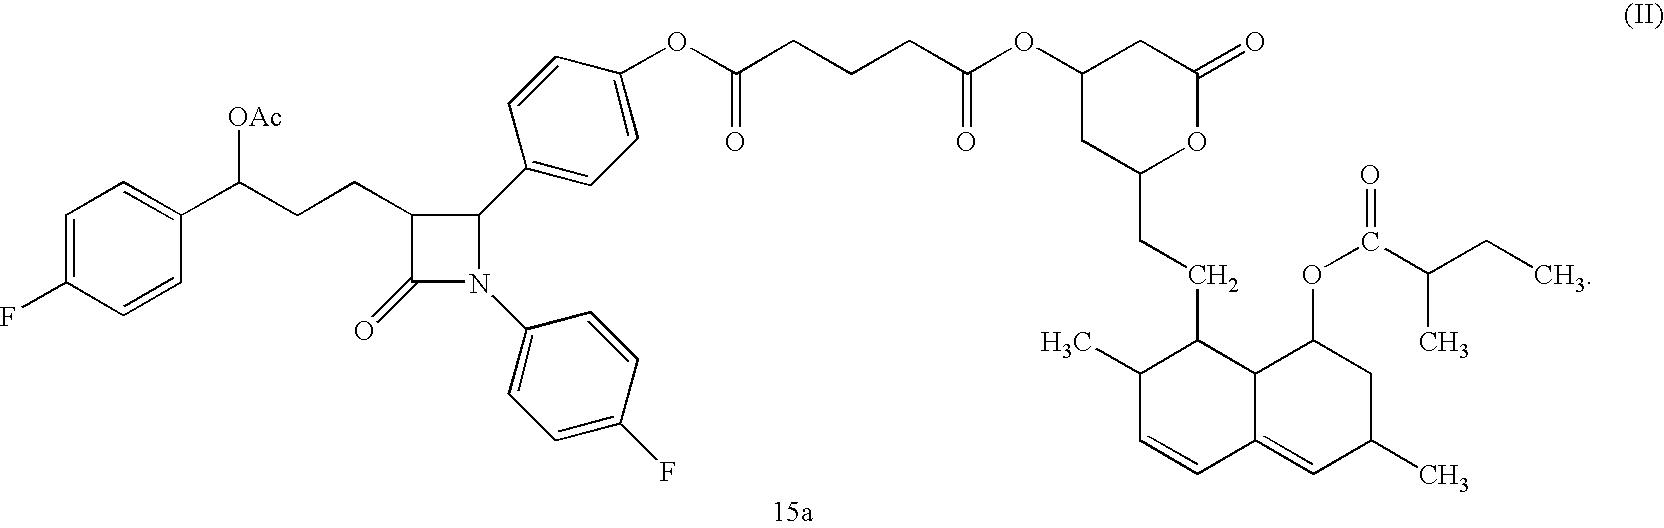 Figure US20070155676A1-20070705-C00018